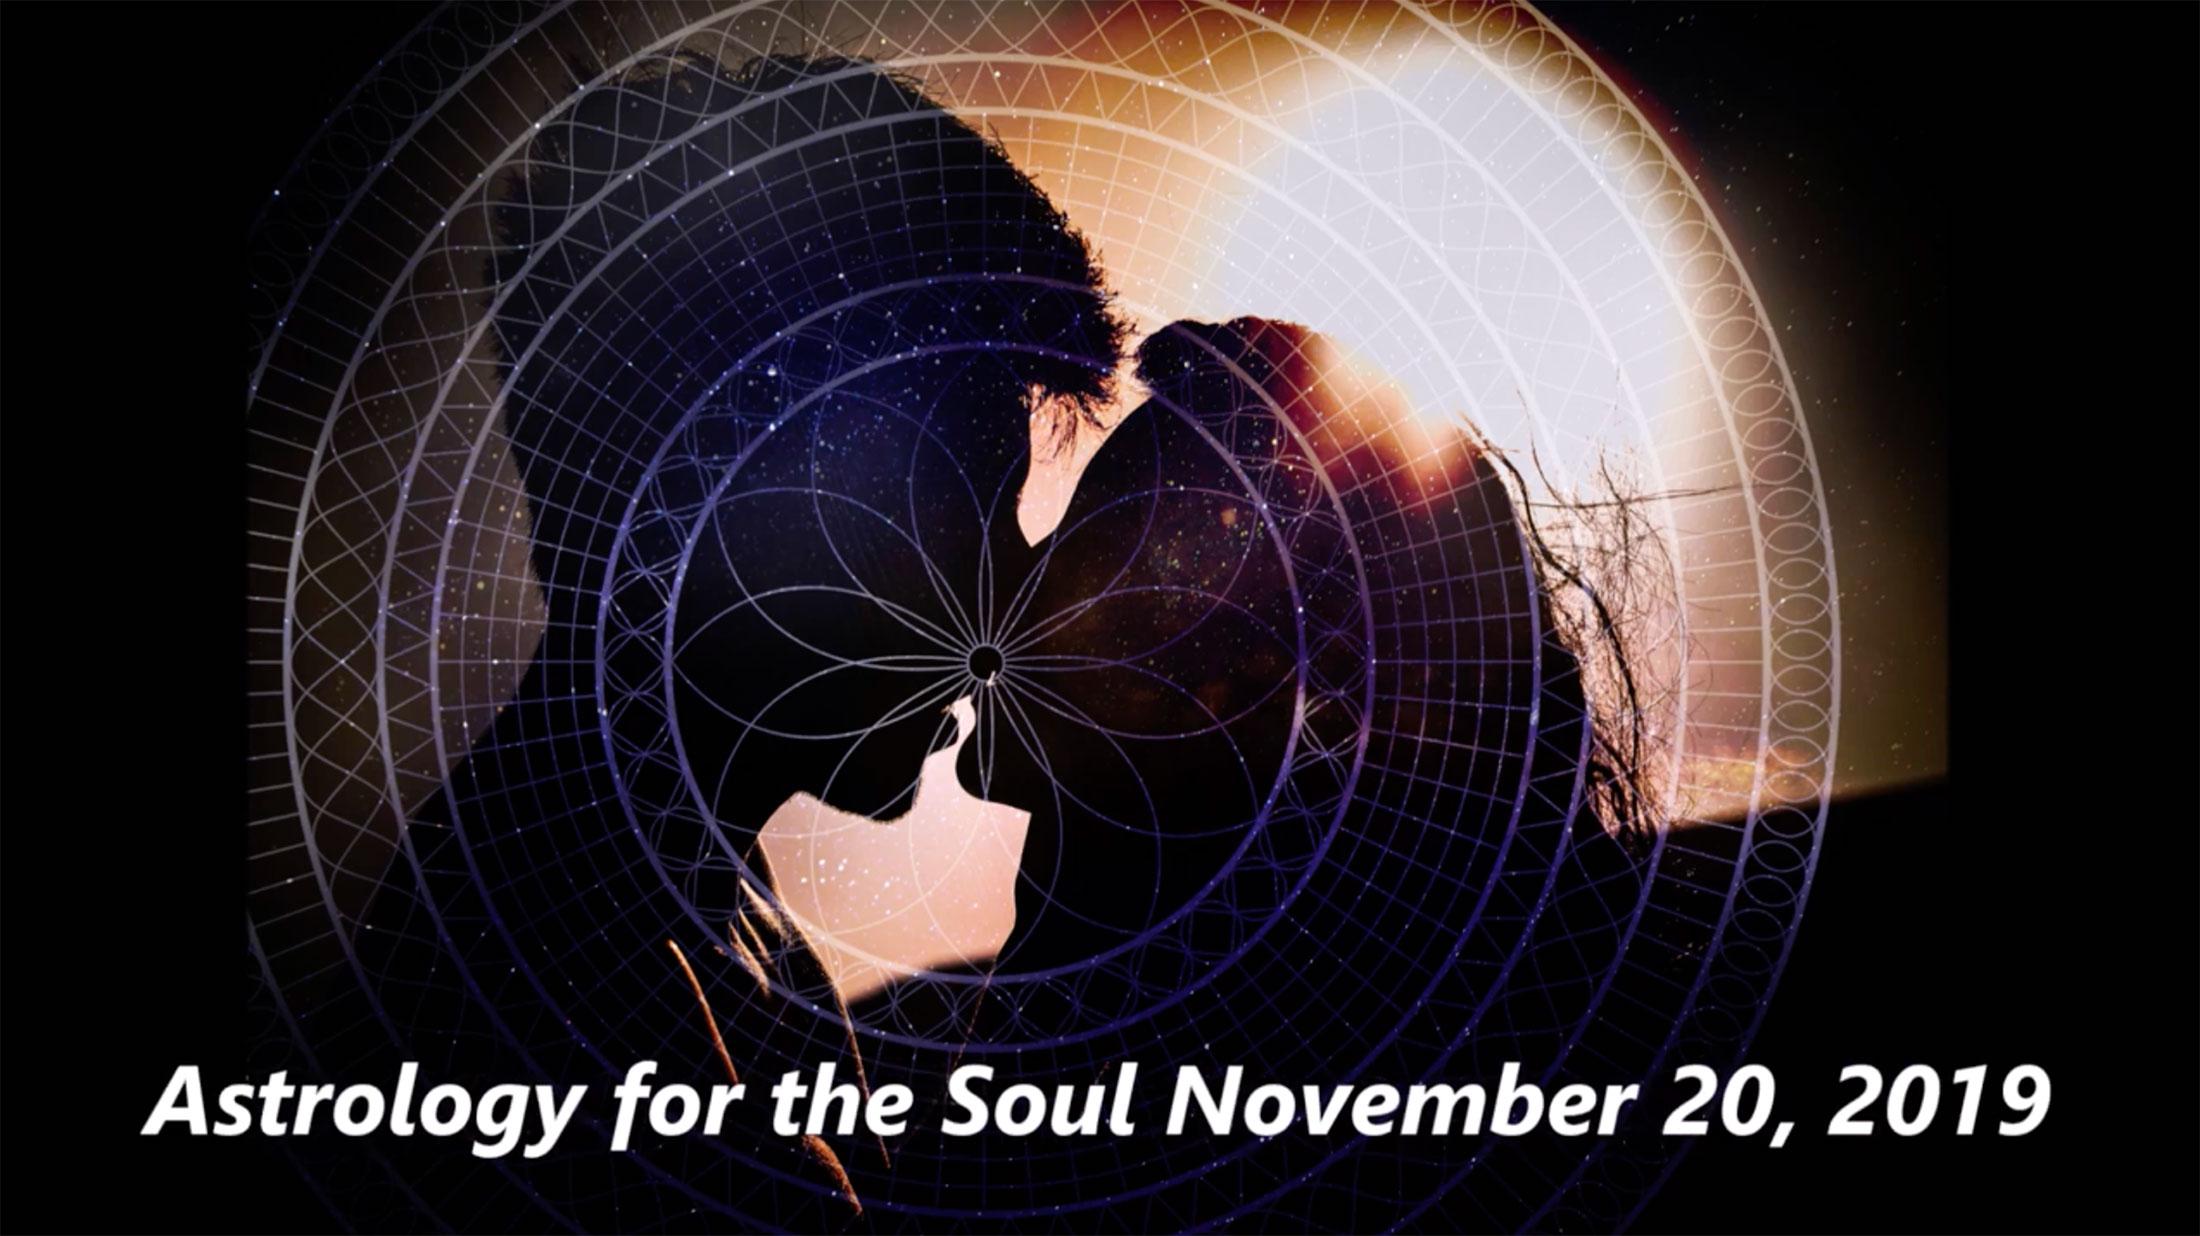 Nov 20th, 2019 – Pele Report, Astrology Forecast